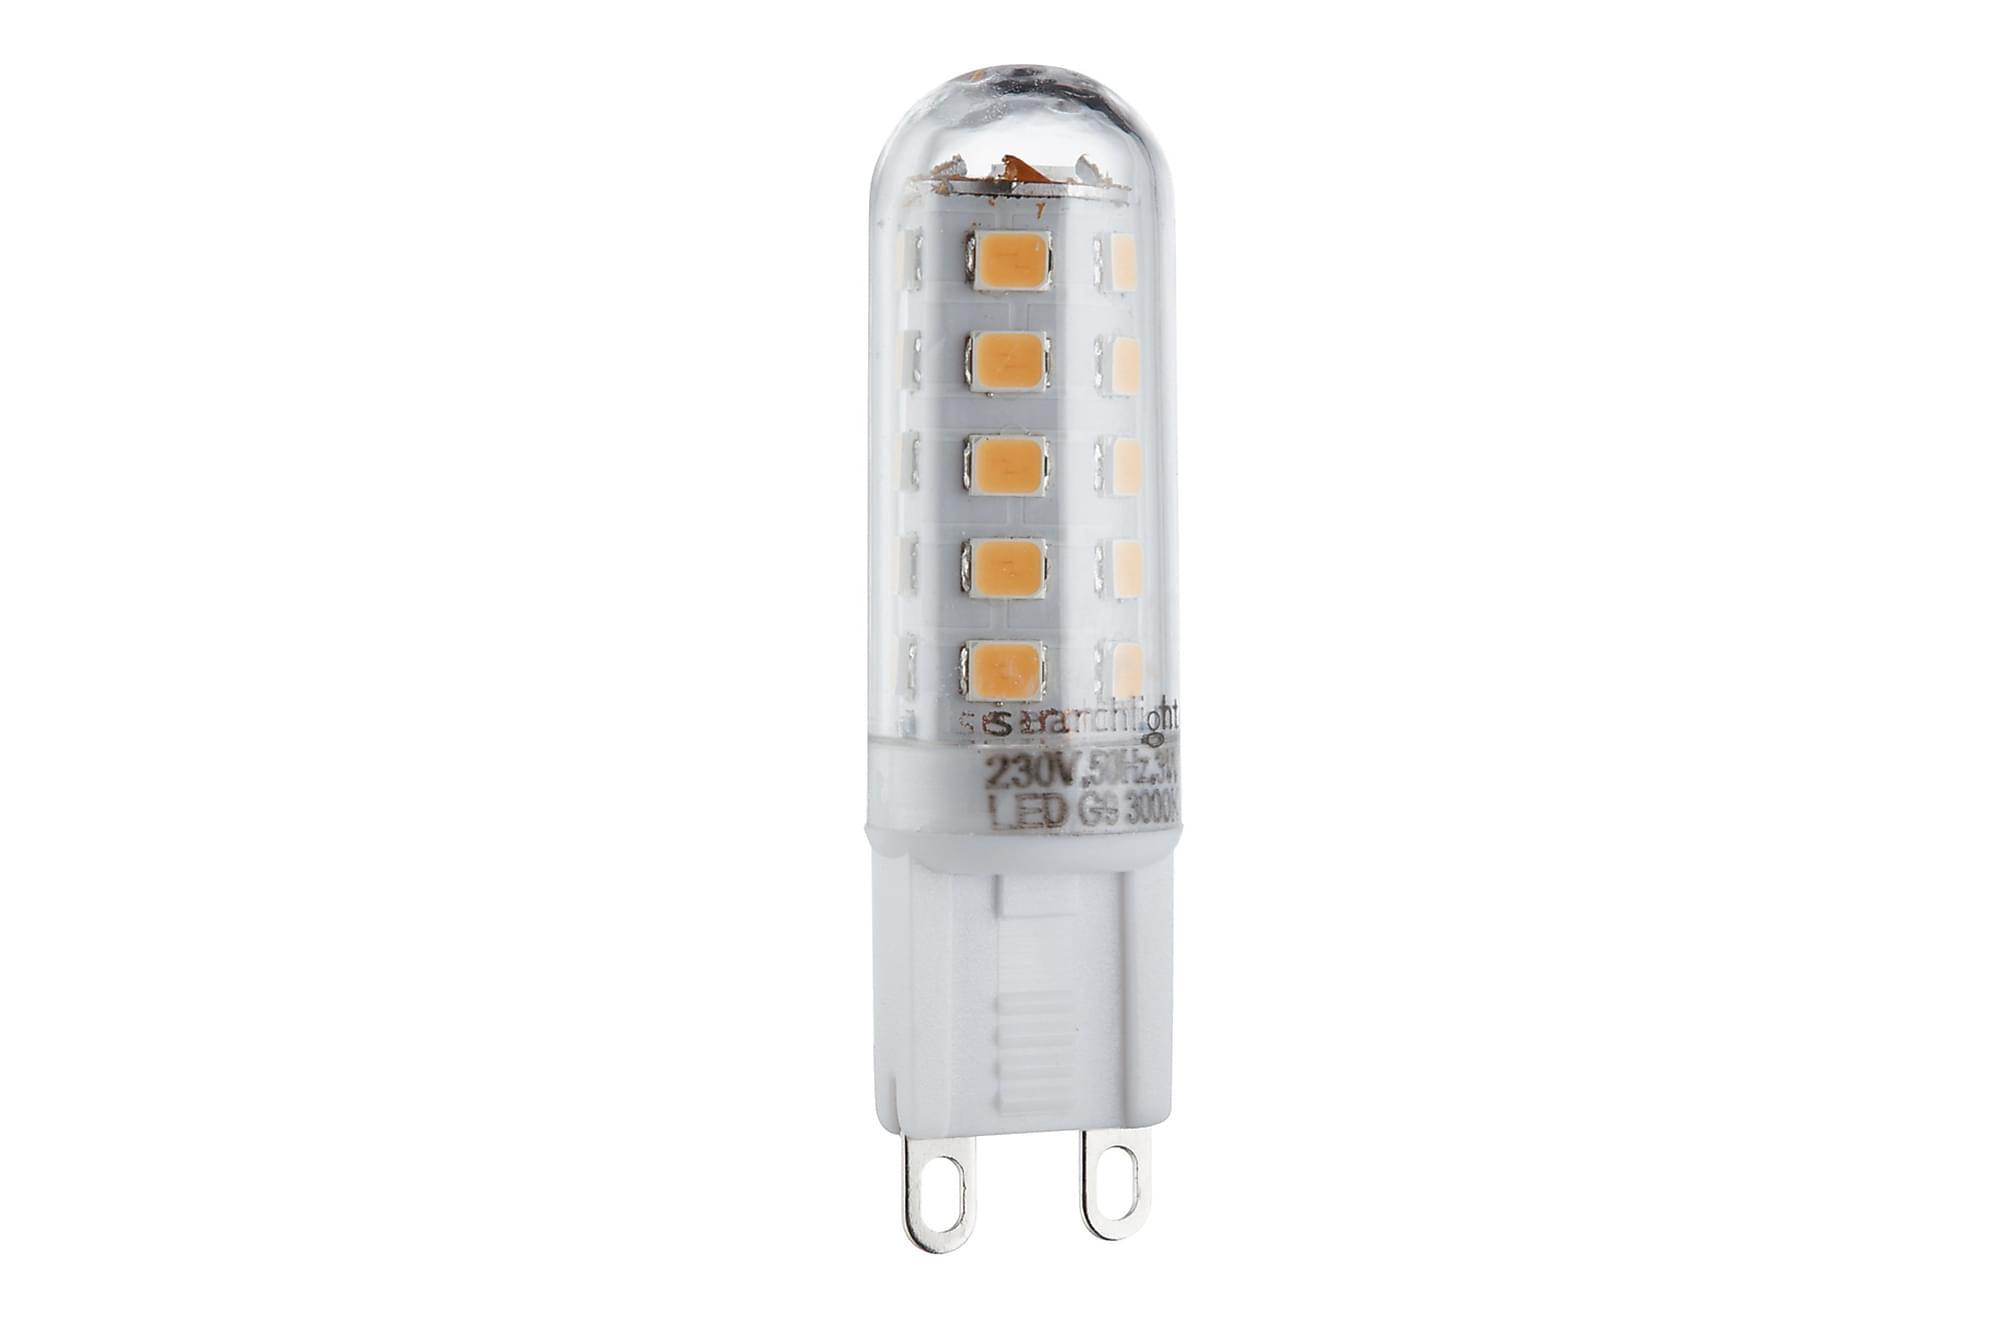 LAMPS LED 10xG9 3W 300 Lumens Vit, Glödlampor & ljuskällor